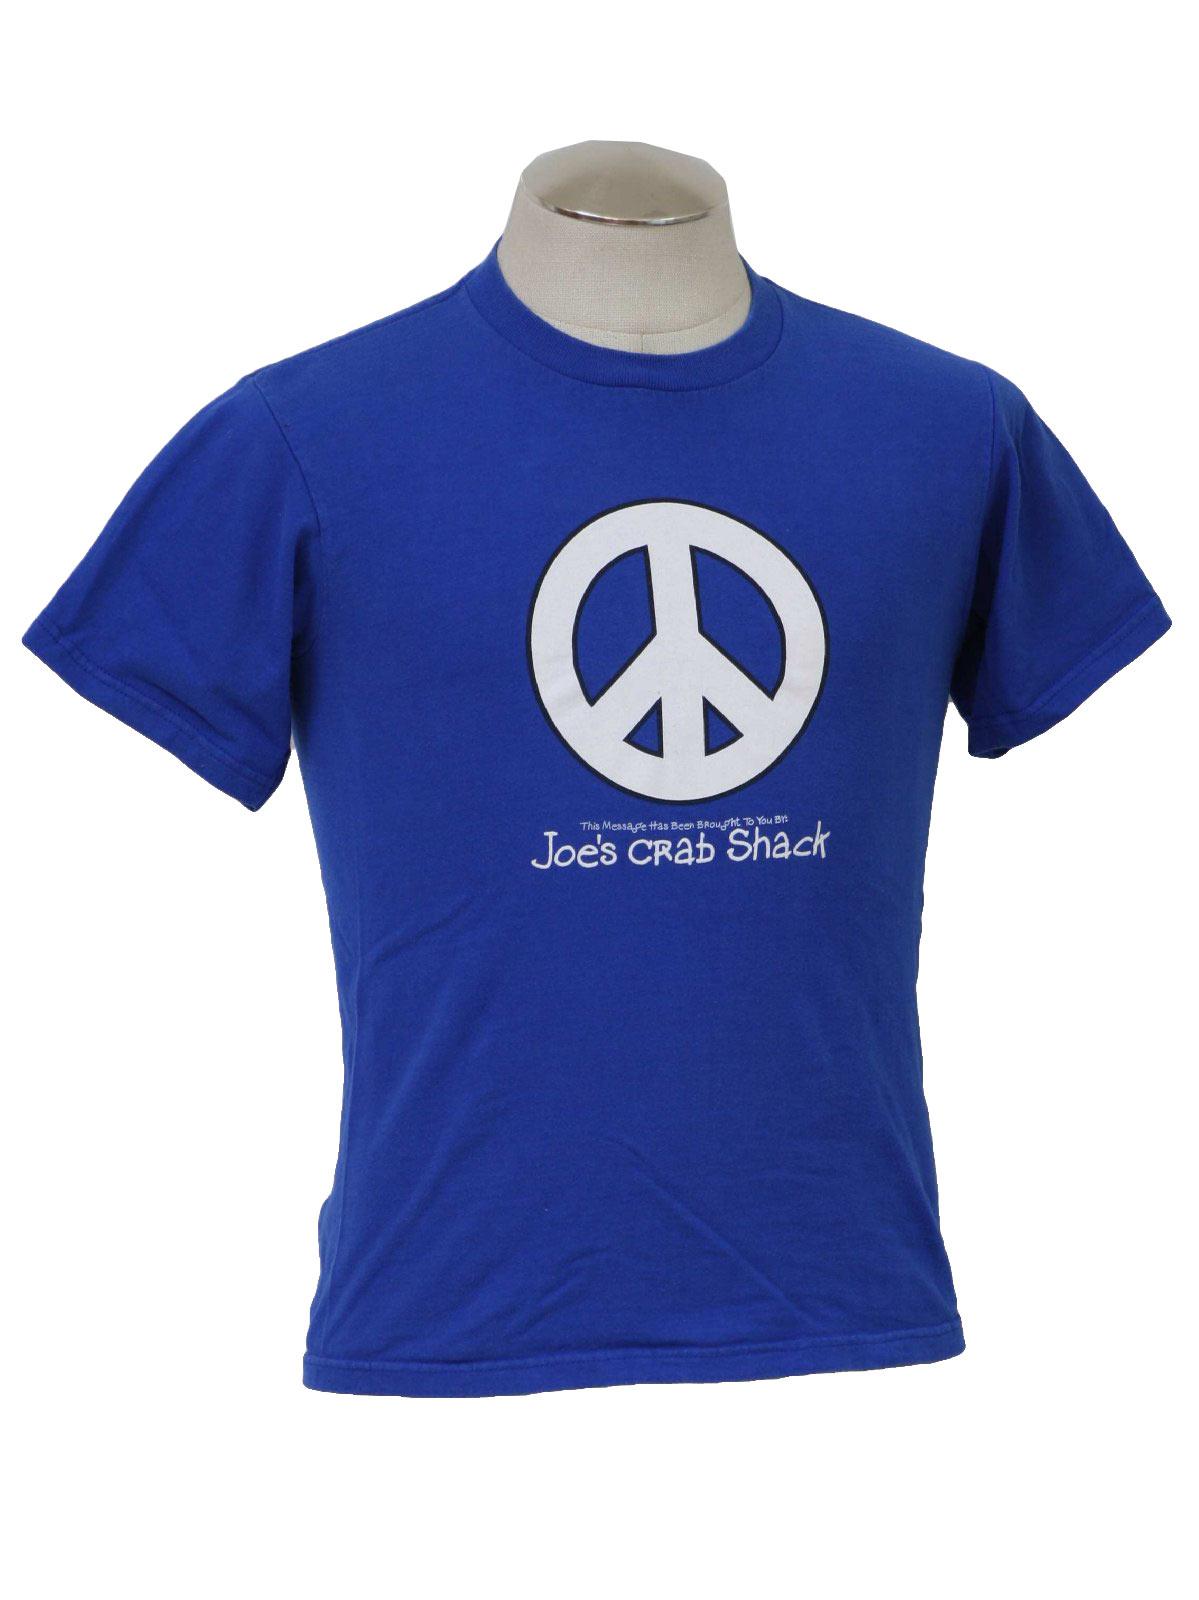 Vintage Hanes Nineties T Shirt  90s -Hanes- Mens blue 57cbb75f5